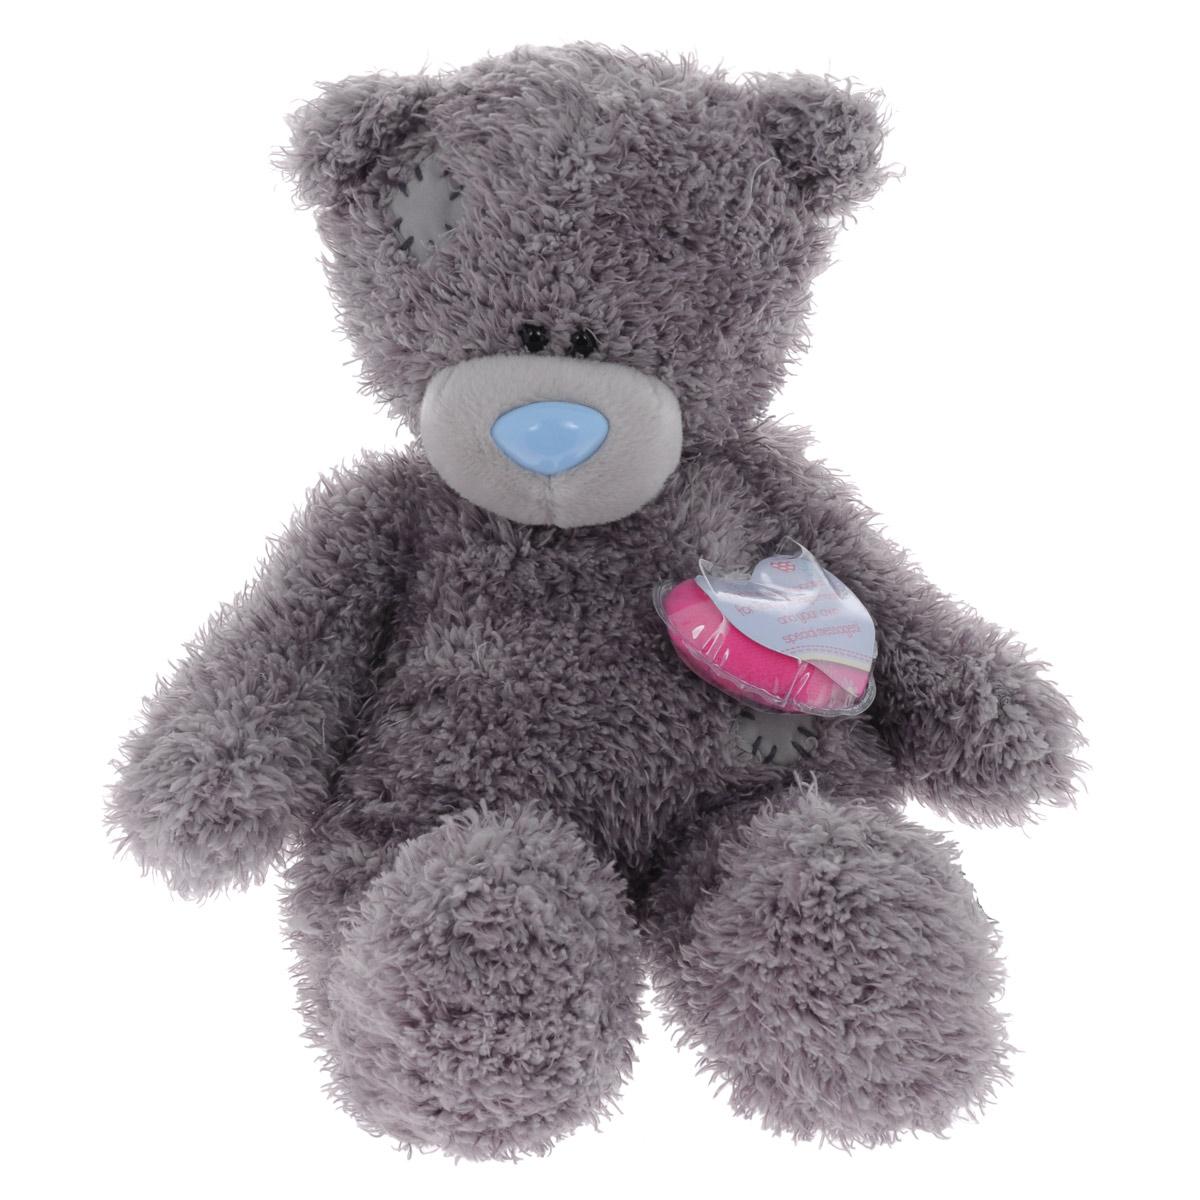 Me to You Мягкая игрушка Мишка Тедди, 25 смG01W2986Очаровательная мягкая игрушка Me to You Мишка Тедди привлечет внимание любого ребенка. Она выполнена в виде трогательного медвежонка из приятного на ощупь материала. Глазки и носик выполнены из пластика. В комплект входят розовая футболка с надписью Tatty Teddy и серые шортики. Кроме того, у мишки есть мягкое сердечко, которое вставляется в специальное отверстие на его спинке. Удивительно мягкая игрушка принесет радость и подарит своему обладателю мгновения нежных объятий и приятных воспоминаний. Долгая история Мишки Тедди создала целый культ в истории, про него снимали мультфильмы и фильмы, сочиняли сказки и песни, он был любимцем детей и взрослых множество лет и является им сейчас. Нет лучшего подарка для ребенка или для девушки, чем Мишка Тедди от Me To You. Он способен выразить вашу любовь, заботу или дружбу. Он подарит огромное количество любви и ласки своему владельцу, как это делали миллионы других медведей Тедди до него. Это именно та игрушка,...